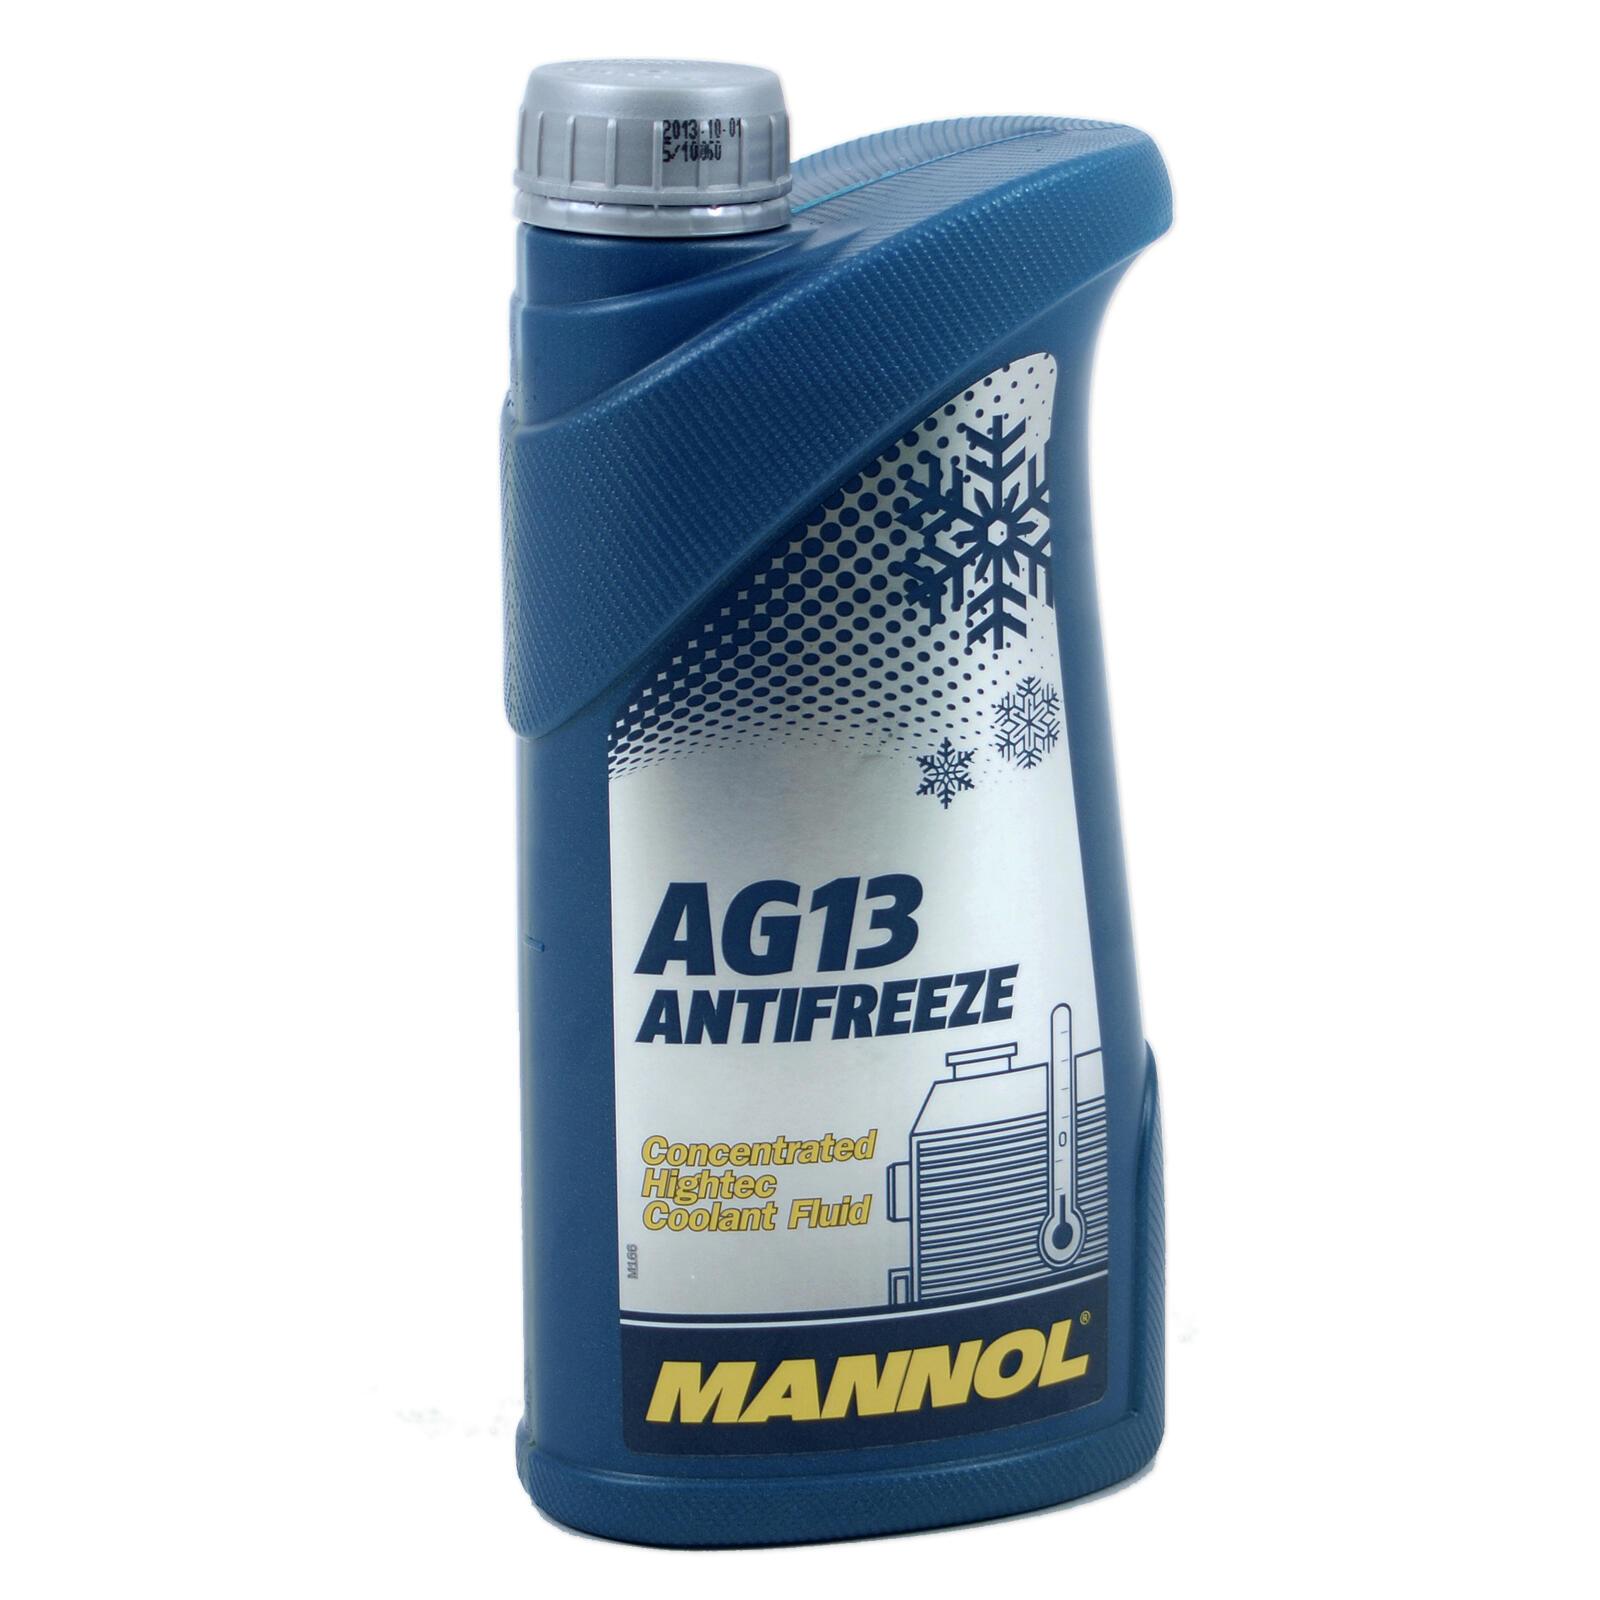 MANNOL Kühlerfrostschutz Konzentrat Hightech Antifreeze AG13 -40° SAE J1034